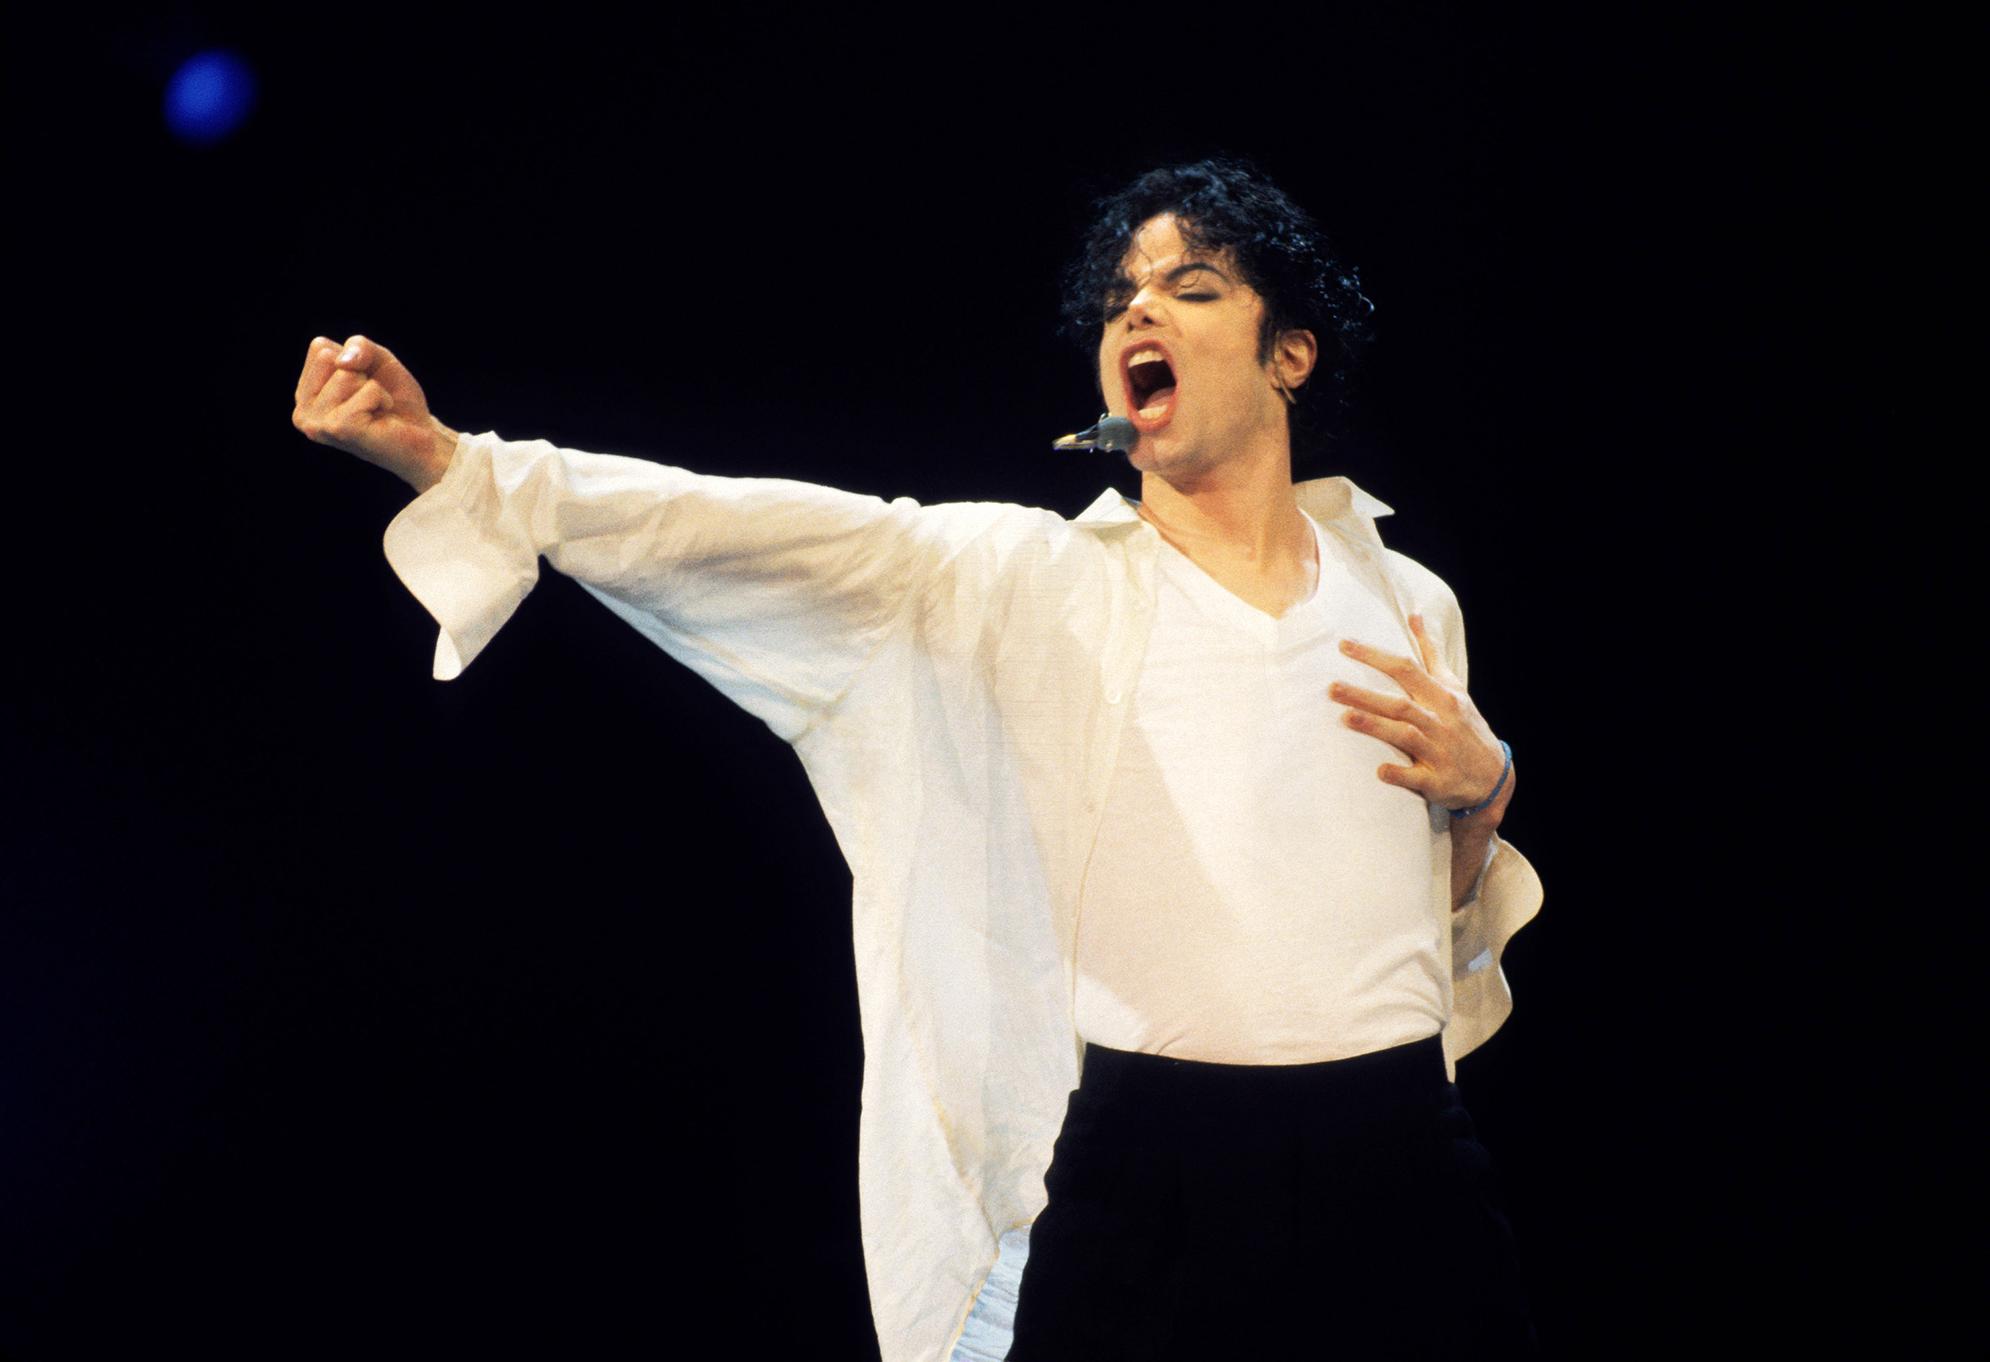 Michael Jackson kindir? Neden öldü? Kaç yaşında öldü?